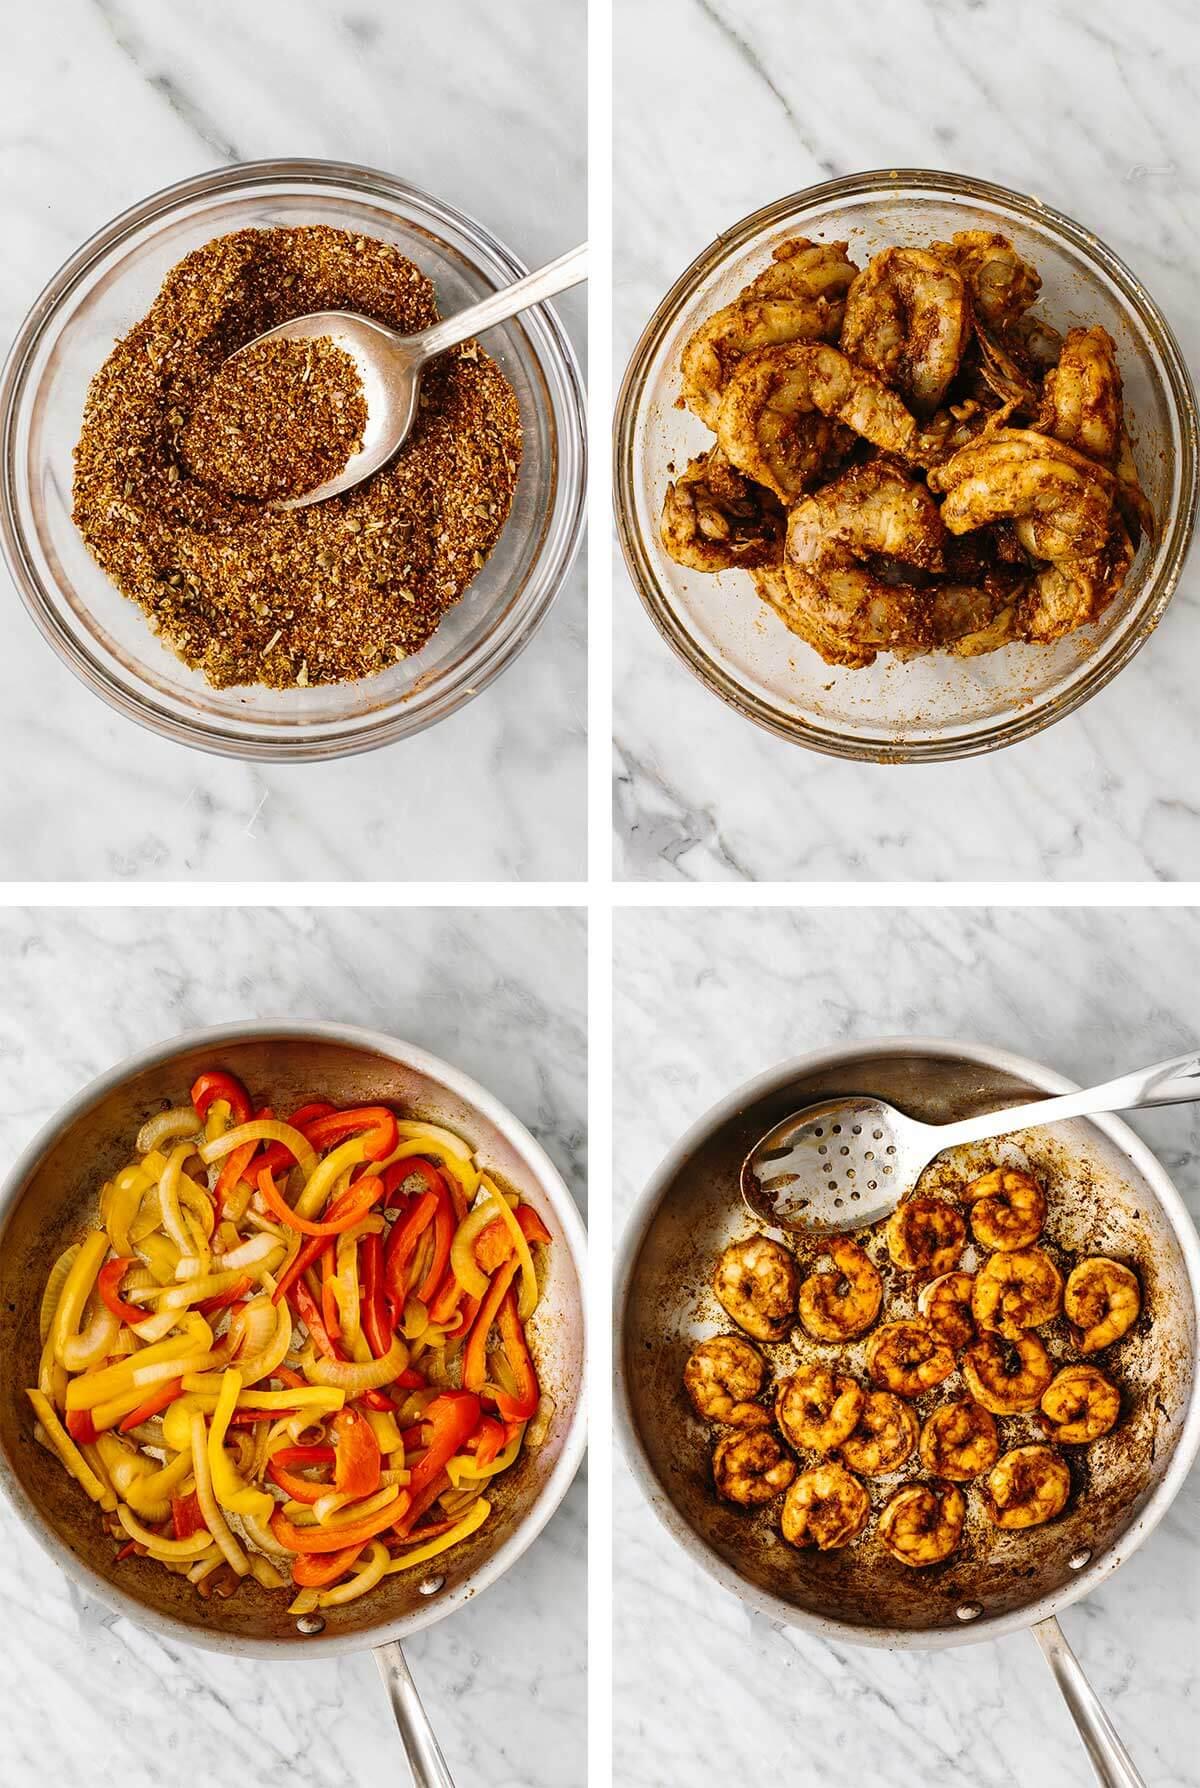 Making shrimp fajitas in a pan.